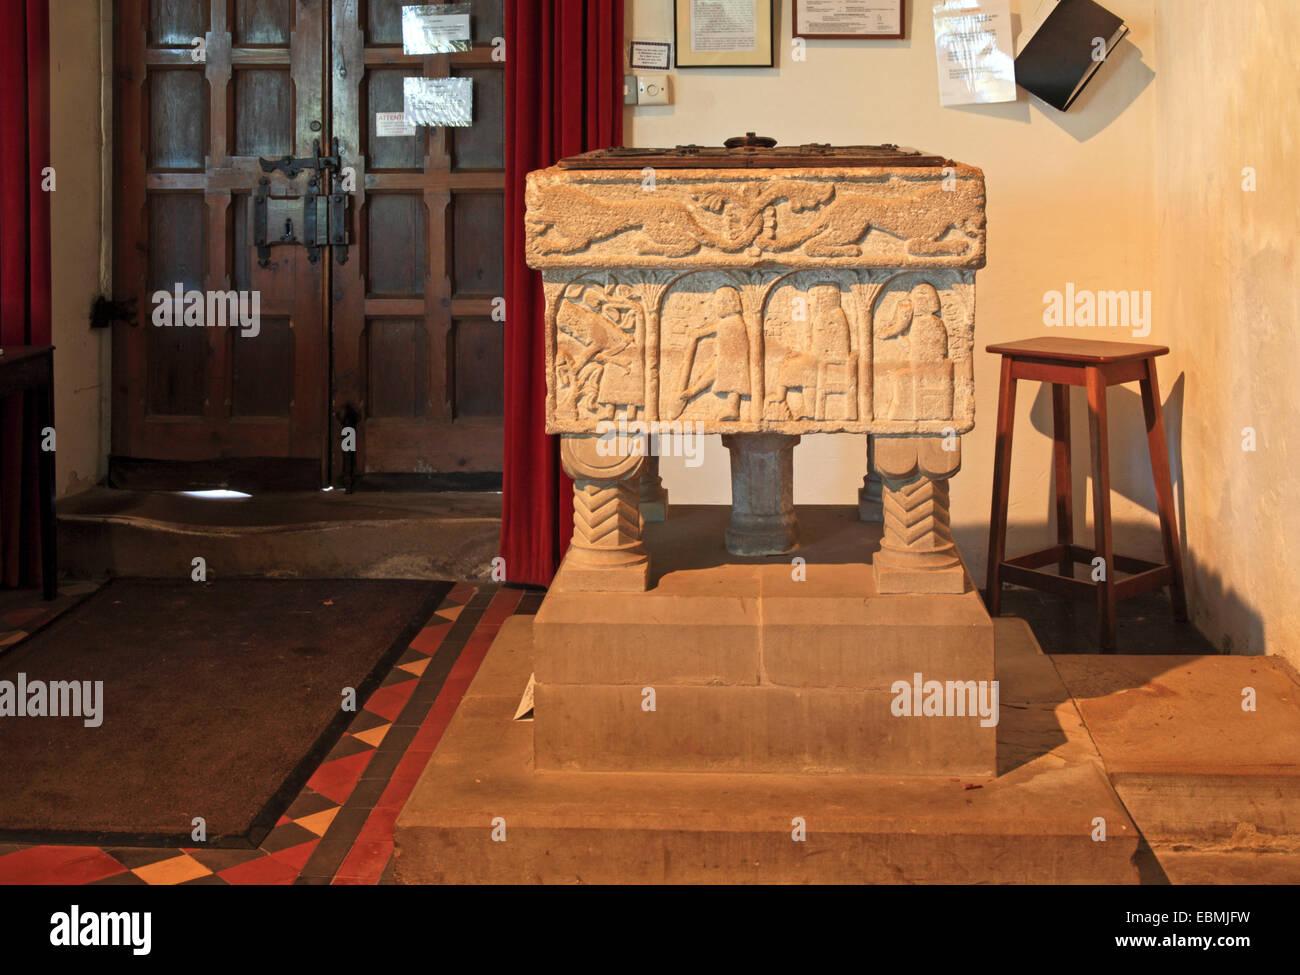 Norman Furniture Stock Photos U0026 Norman Furniture Stock ...